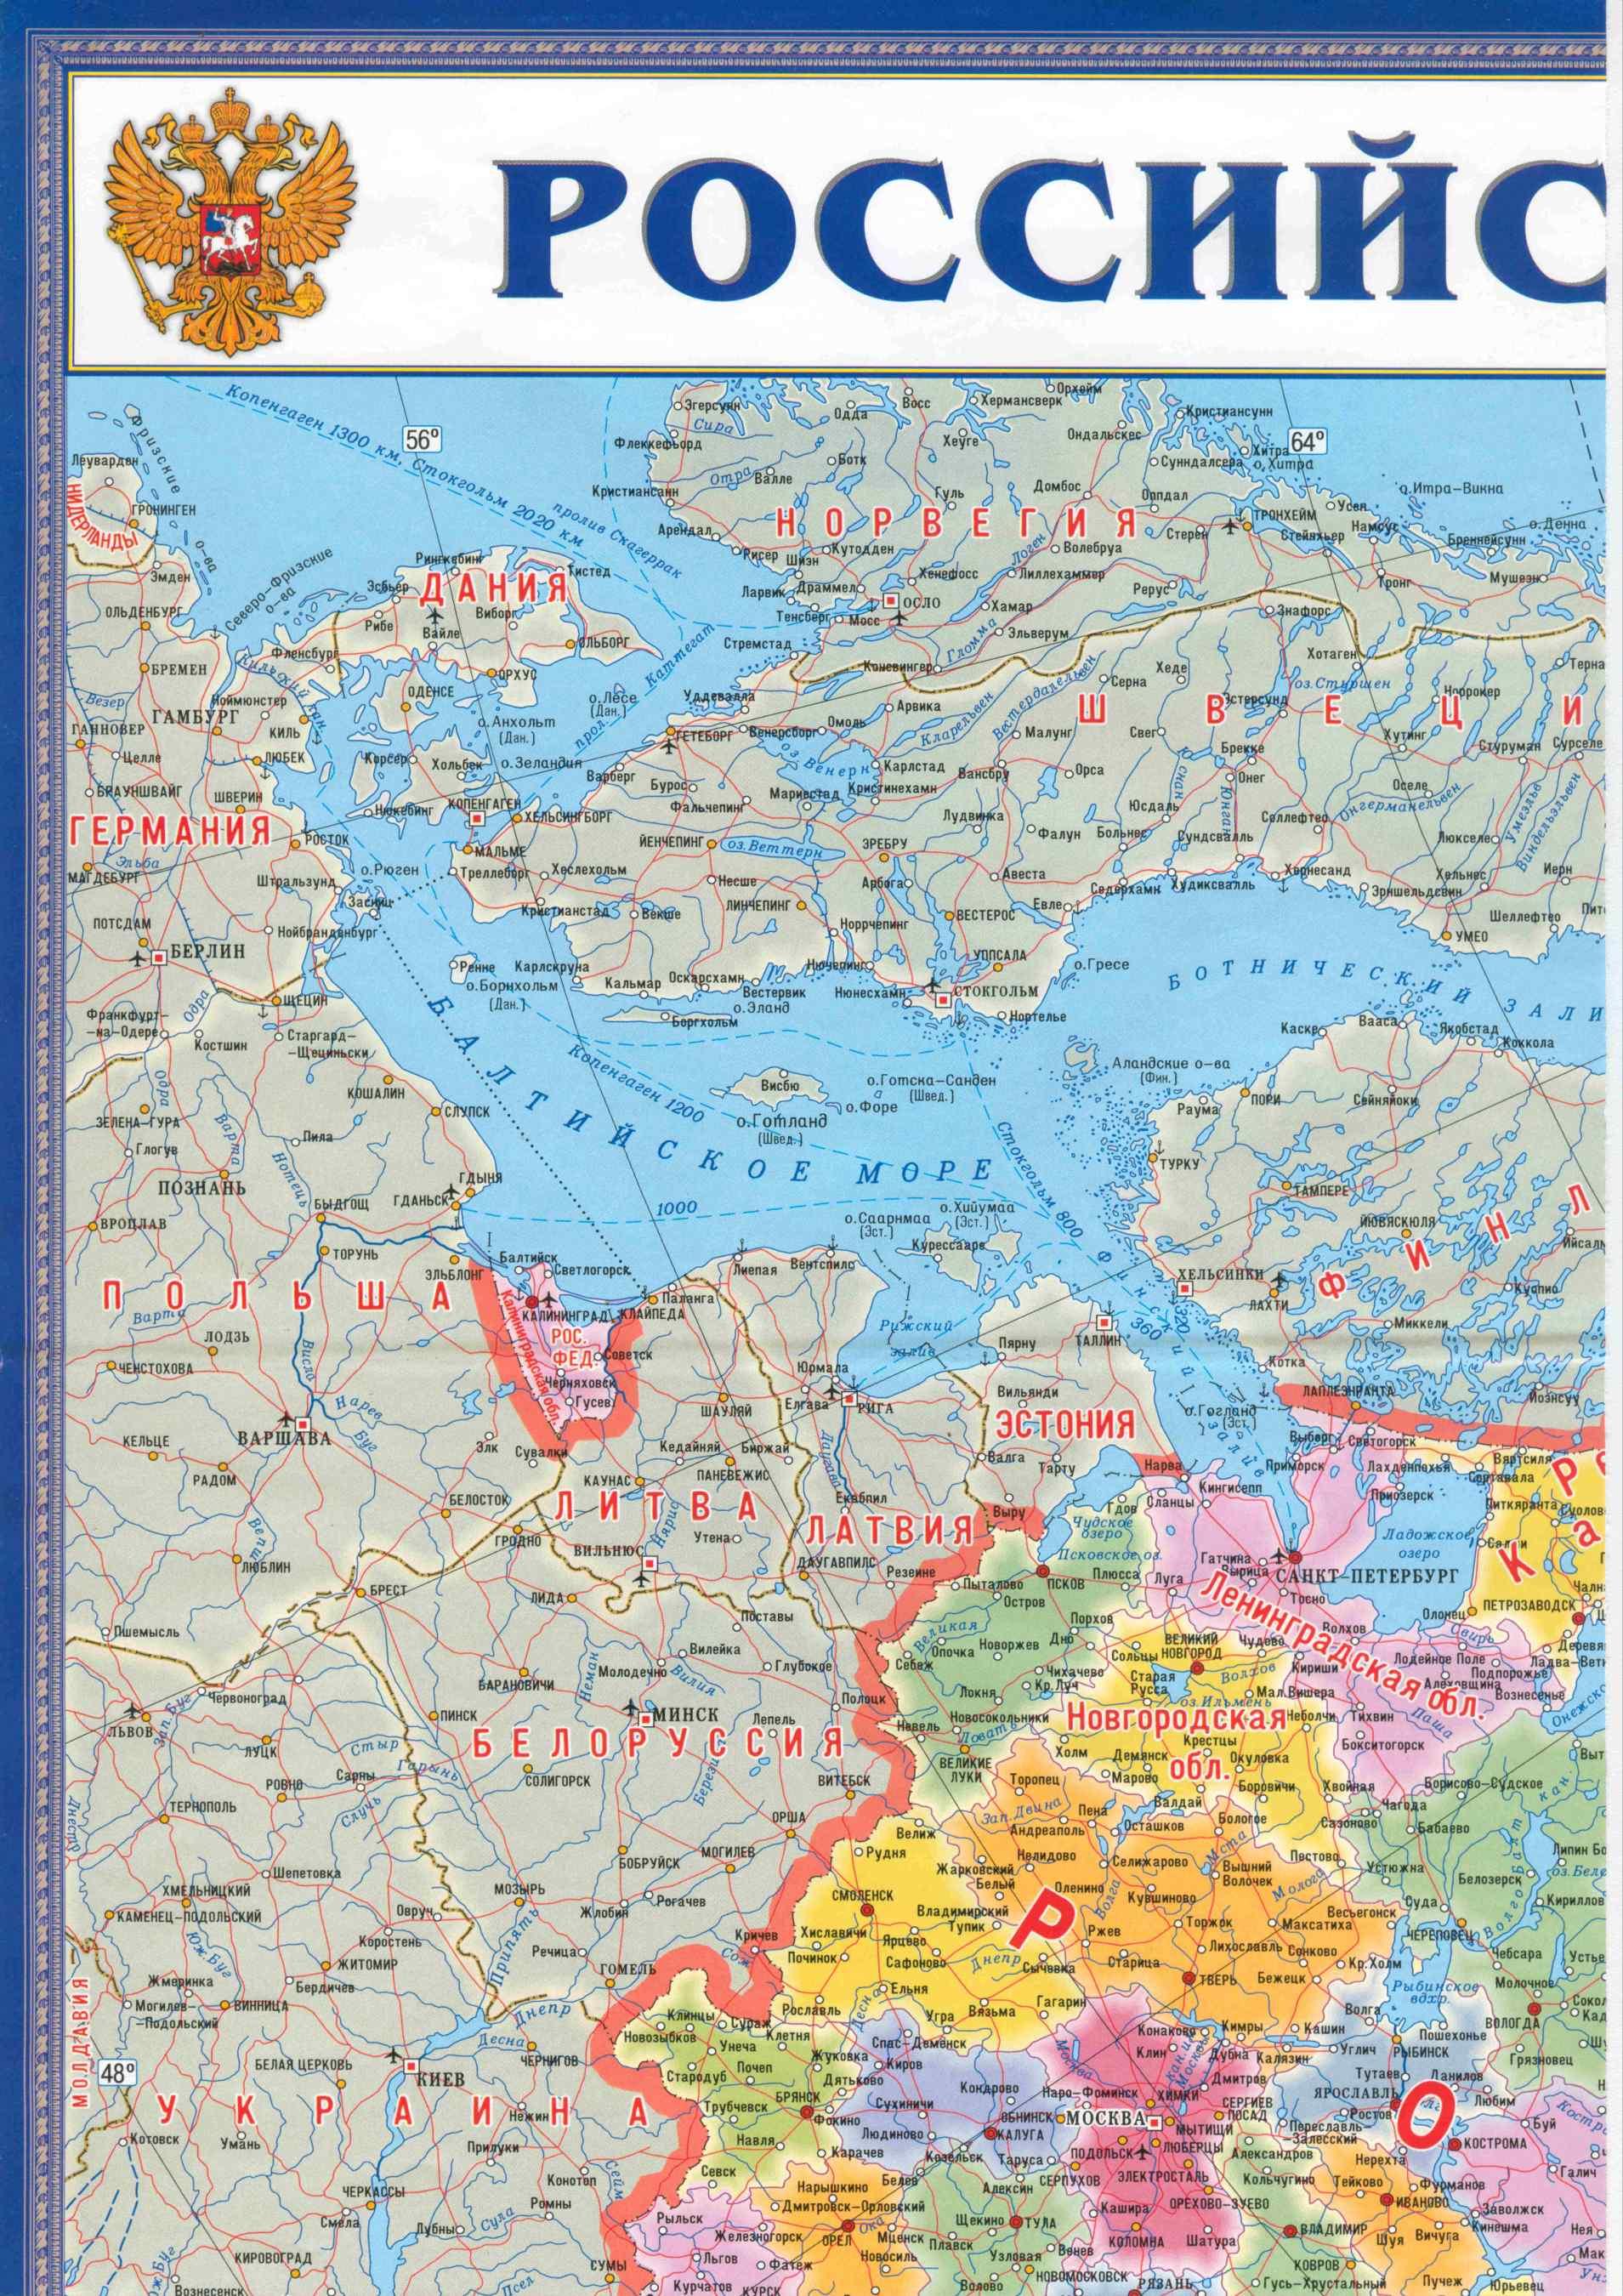 Карта россии по областям с городами, бесплатные ...: http://mbaas.ru/karta-rossii-po-oblastyam-s-gorodami.html